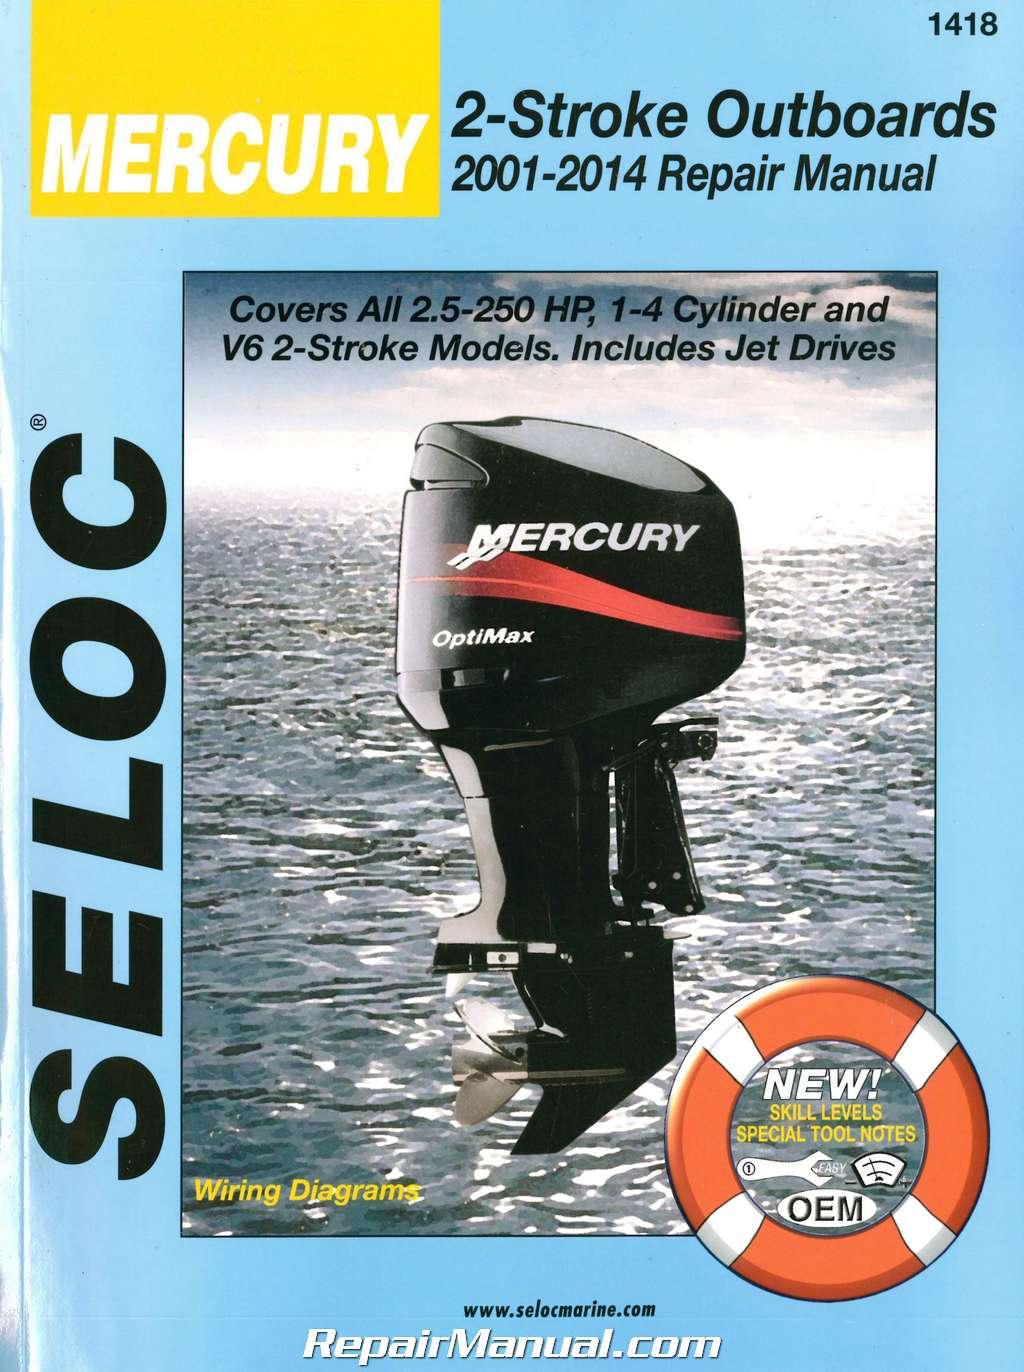 Seloc 2001-2014 Mercury Mariner Outboards 2 Stroke 2 5-250 hp Boat Engine  Repair Manual